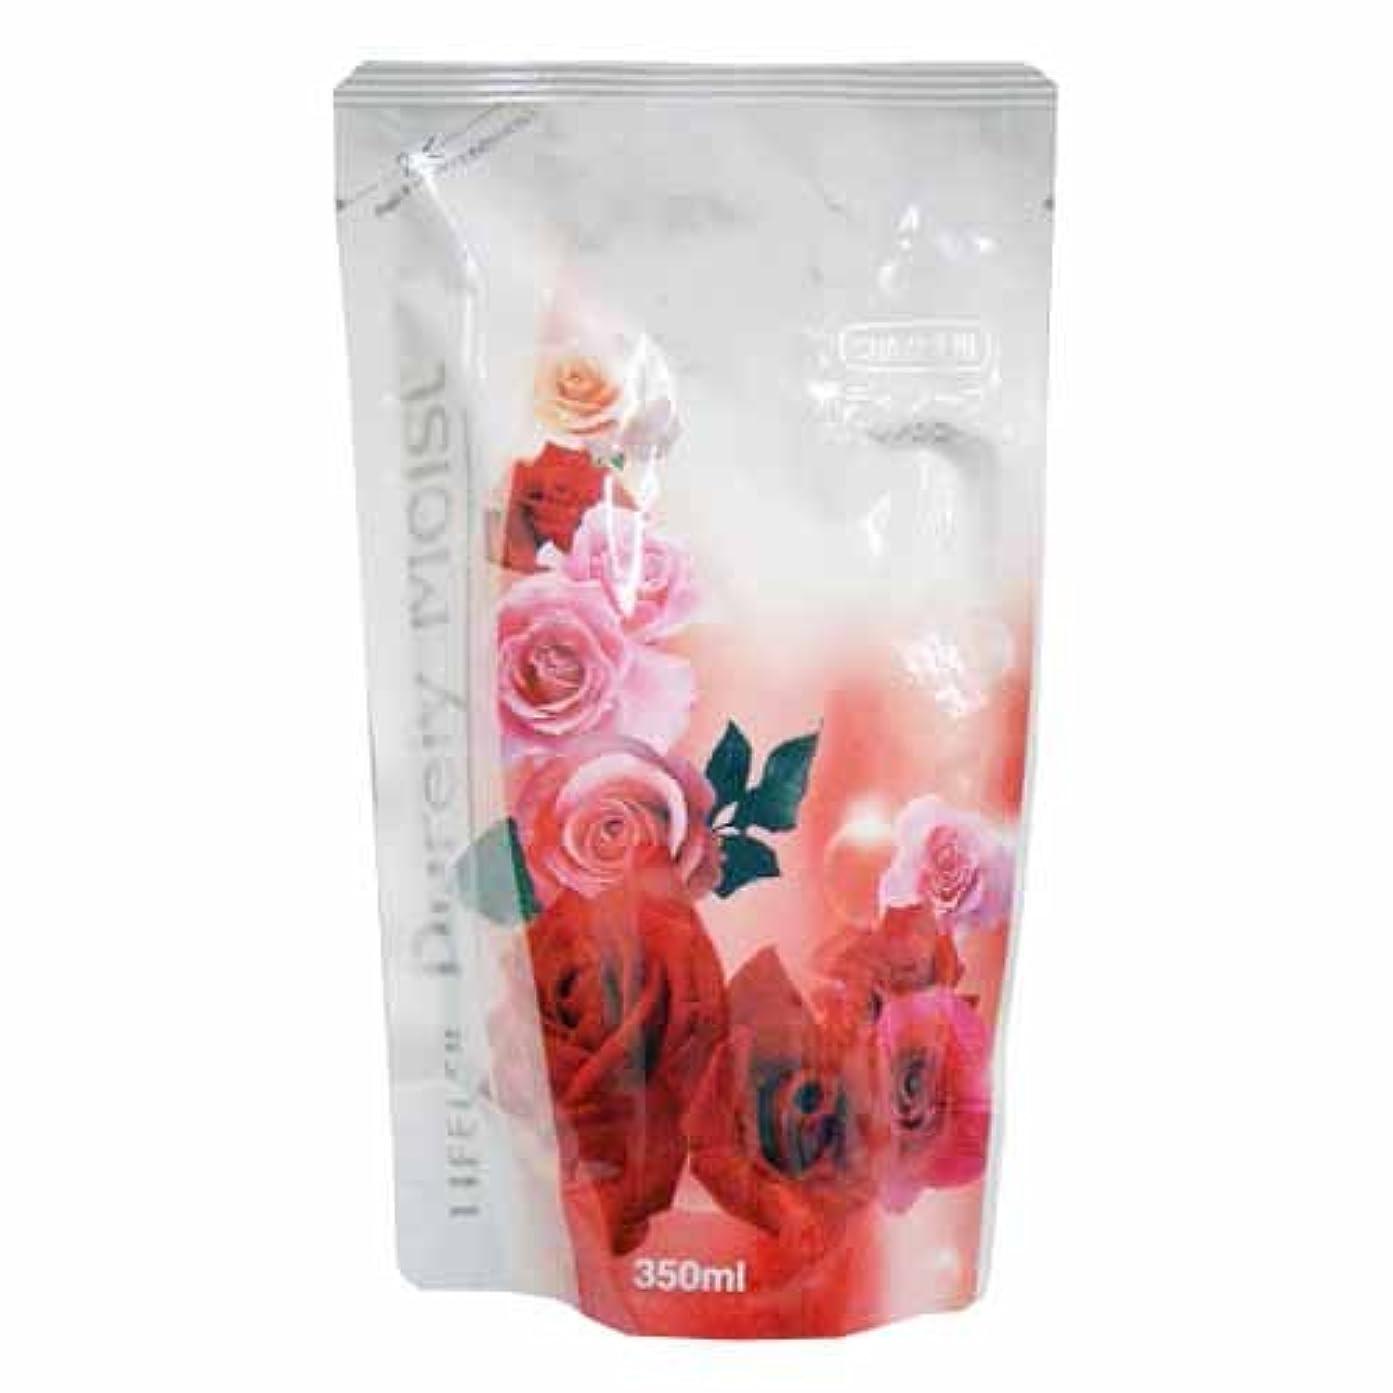 一口リングレット着実にコーナンオリジナル Purely Moist ボディソープ ブルガリアンローズの香り つめかえ用 350ml